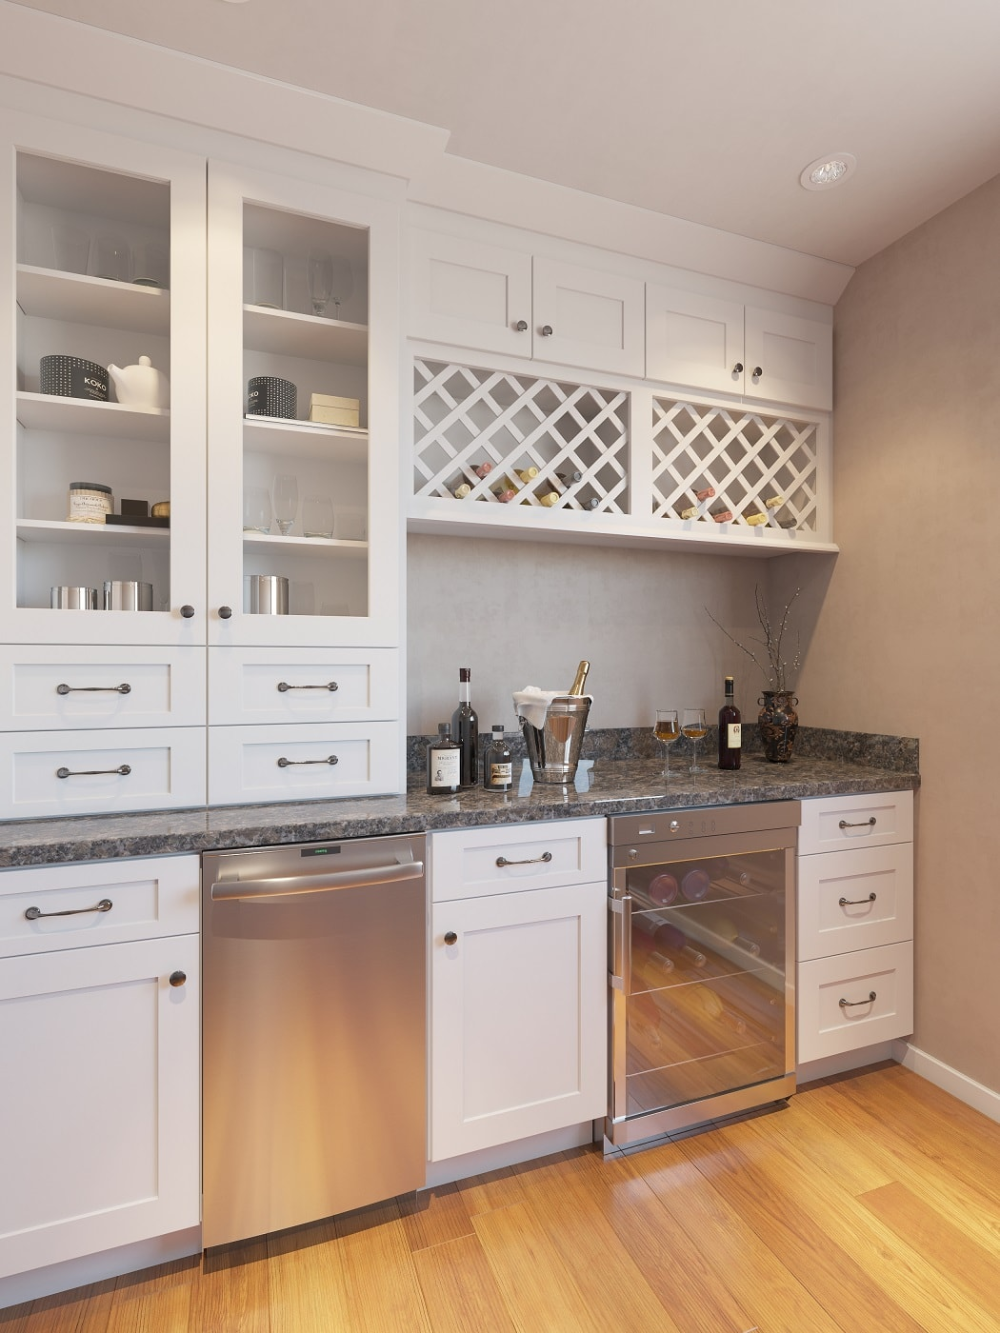 Aspen White Shaker Pre Assembled Kitchen Cabinet The Rta Store In 2020 Assembled Kitchen Cabinets Kitchen Cabinets Rta Kitchen Cabinets